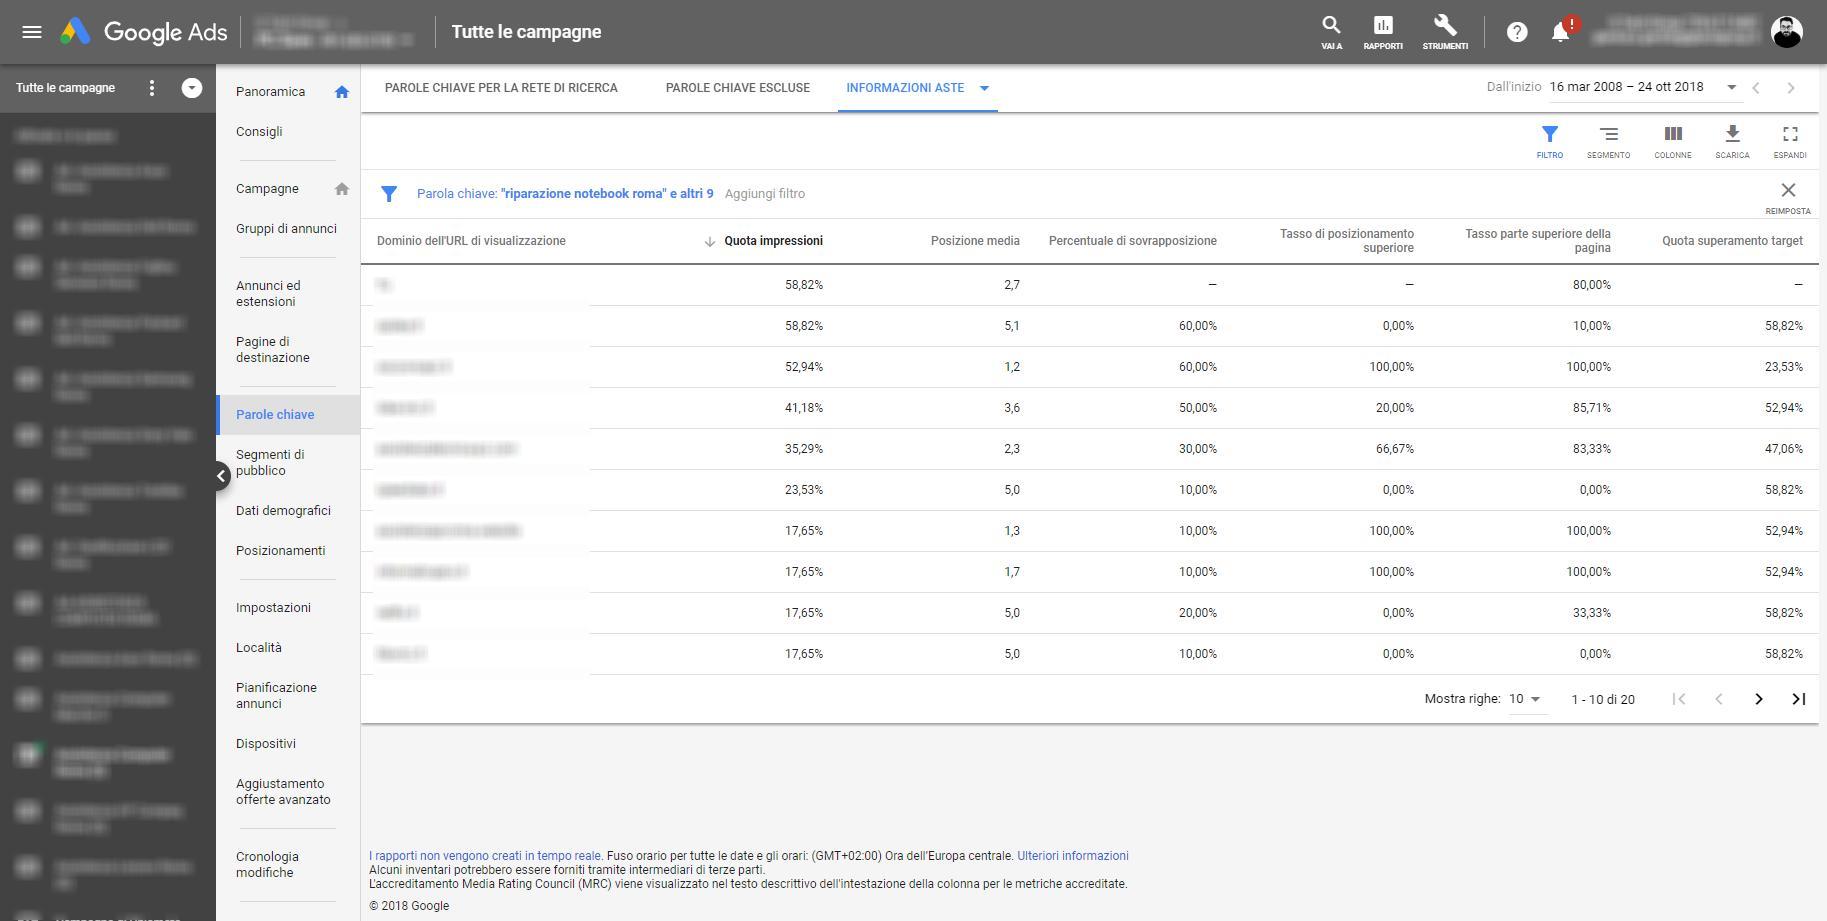 rapporto informativo sulle aste in google - Rapporto informativo sulle aste in Google - Rapporto informativo sulle aste in Google